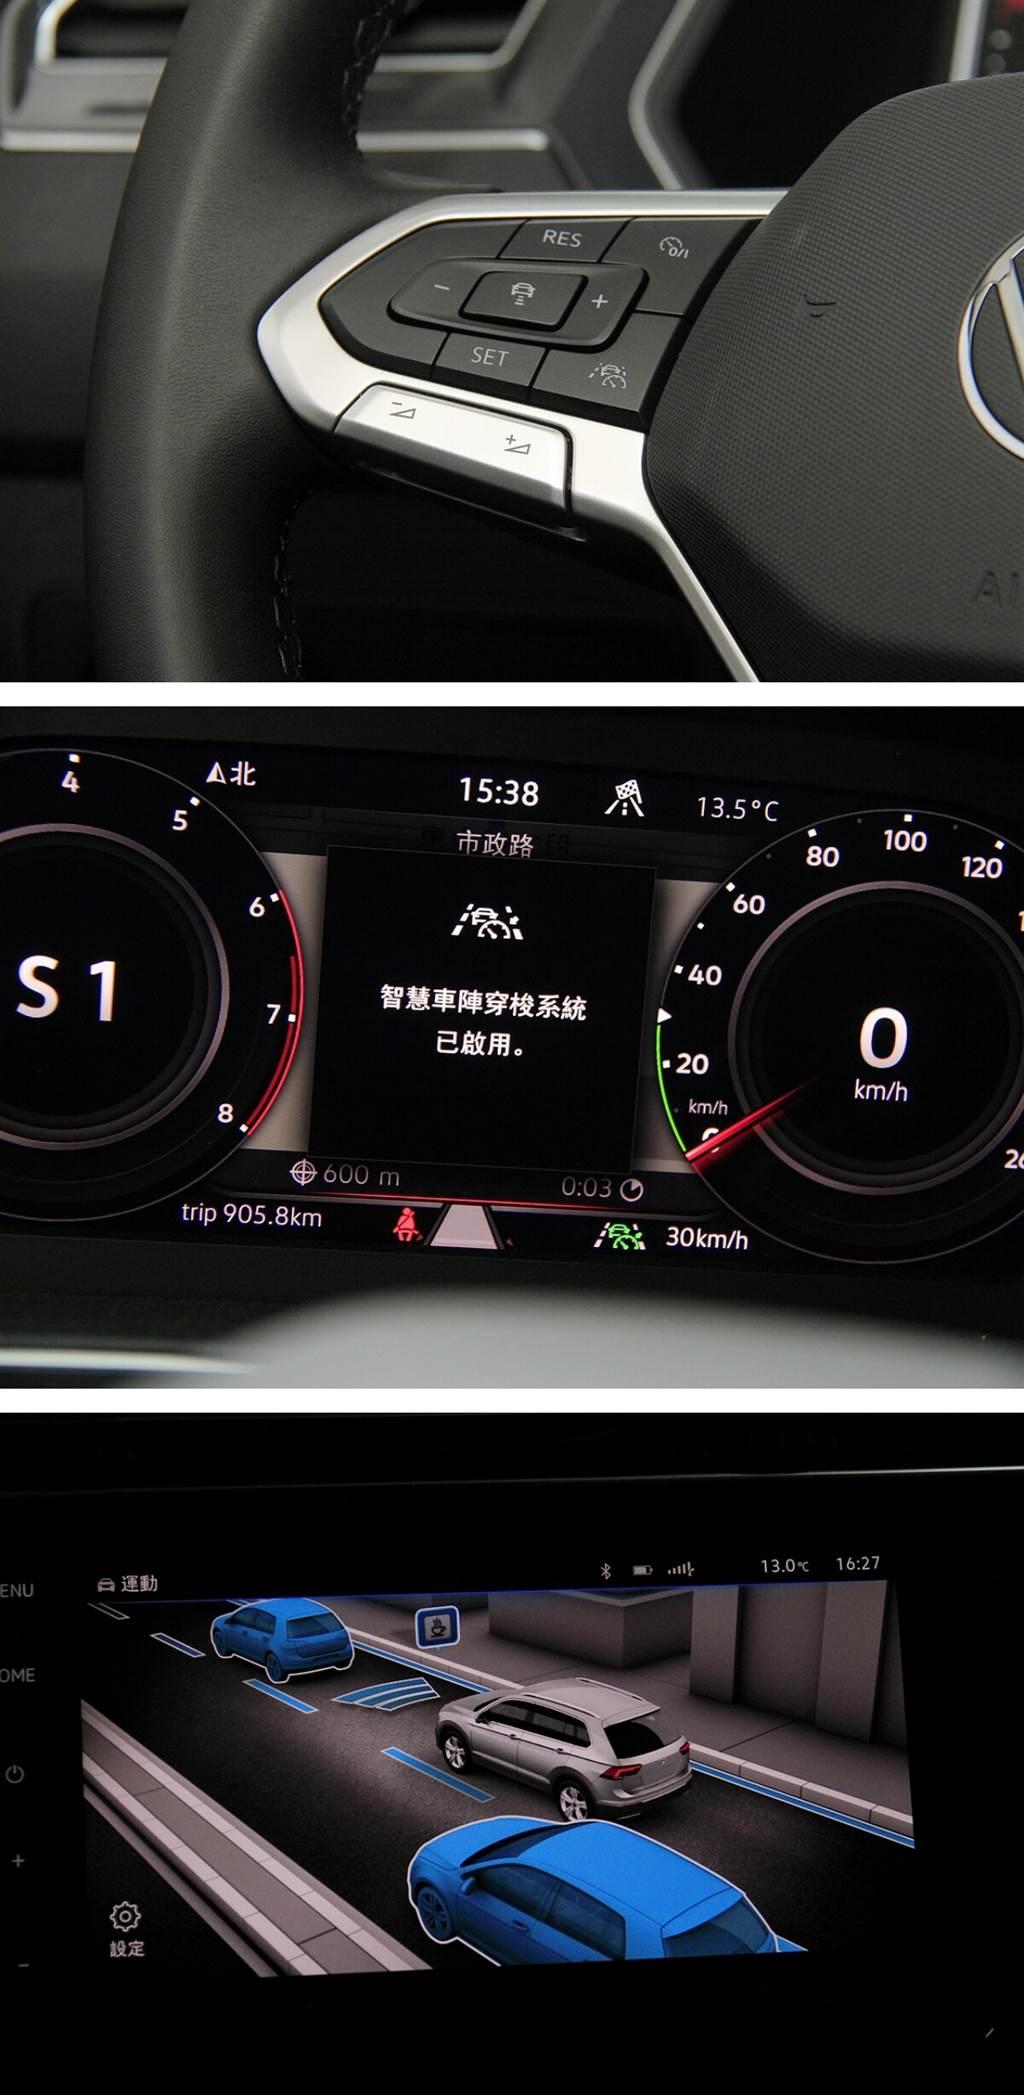 中央螢幕中ADAS駕駛輔助系統的個人化設定採用示意圖方式顯示,只要點取藍色相關圖示就能進行自定義設定。其中,盲點偵測警示燈還可以調整五段亮度。